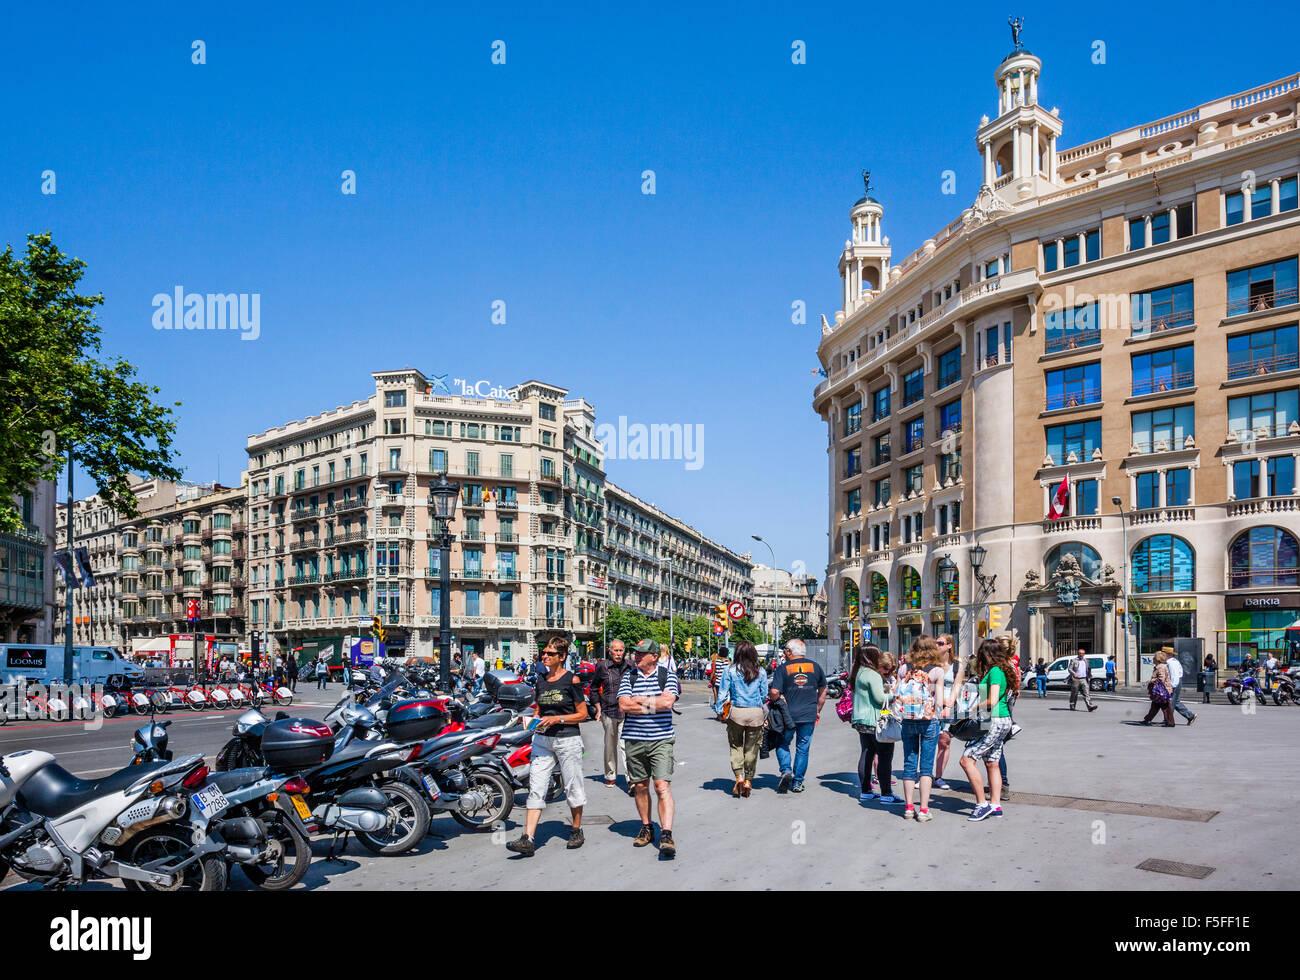 Spanien, Katatonie, Barcelona, Placa de Catalunya, großen Platz im Zentrum Stadt Stockbild